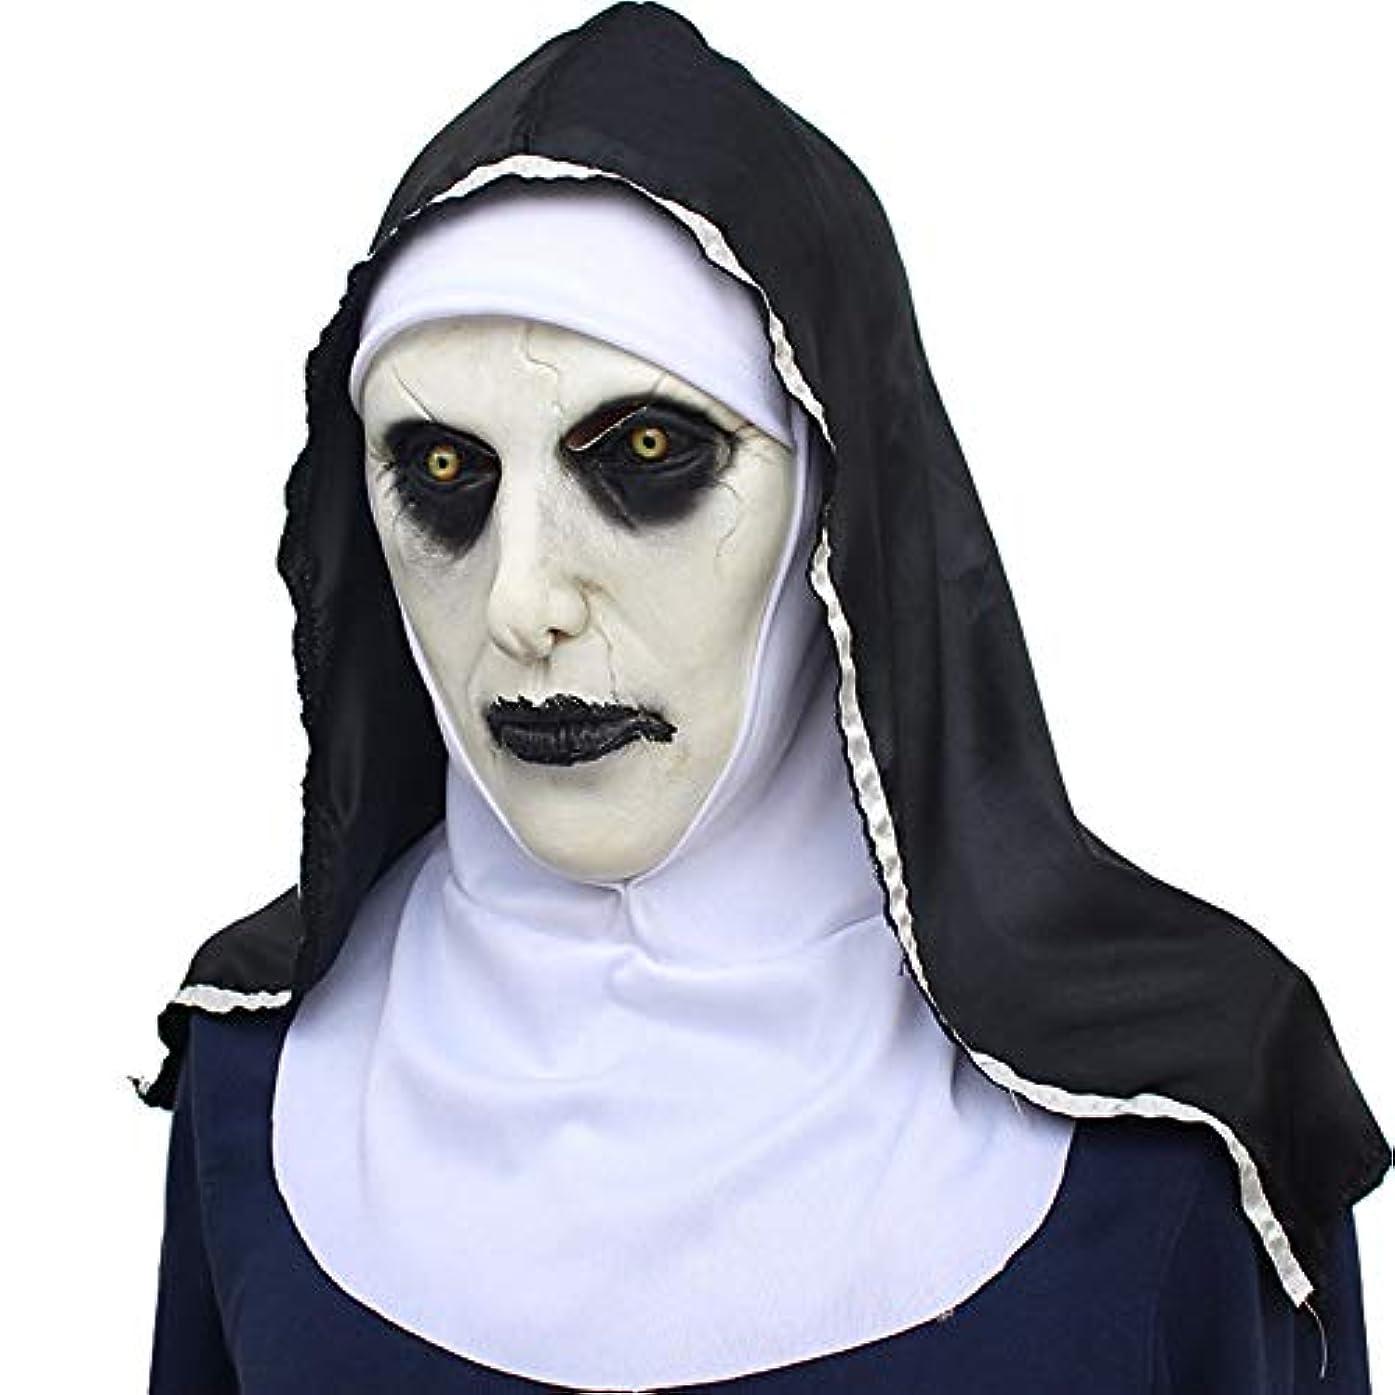 参照するペチコート昼間ハロウィーンラテックスマスクホラー修道女フェイスマスクパーティー怖い面白い小道具